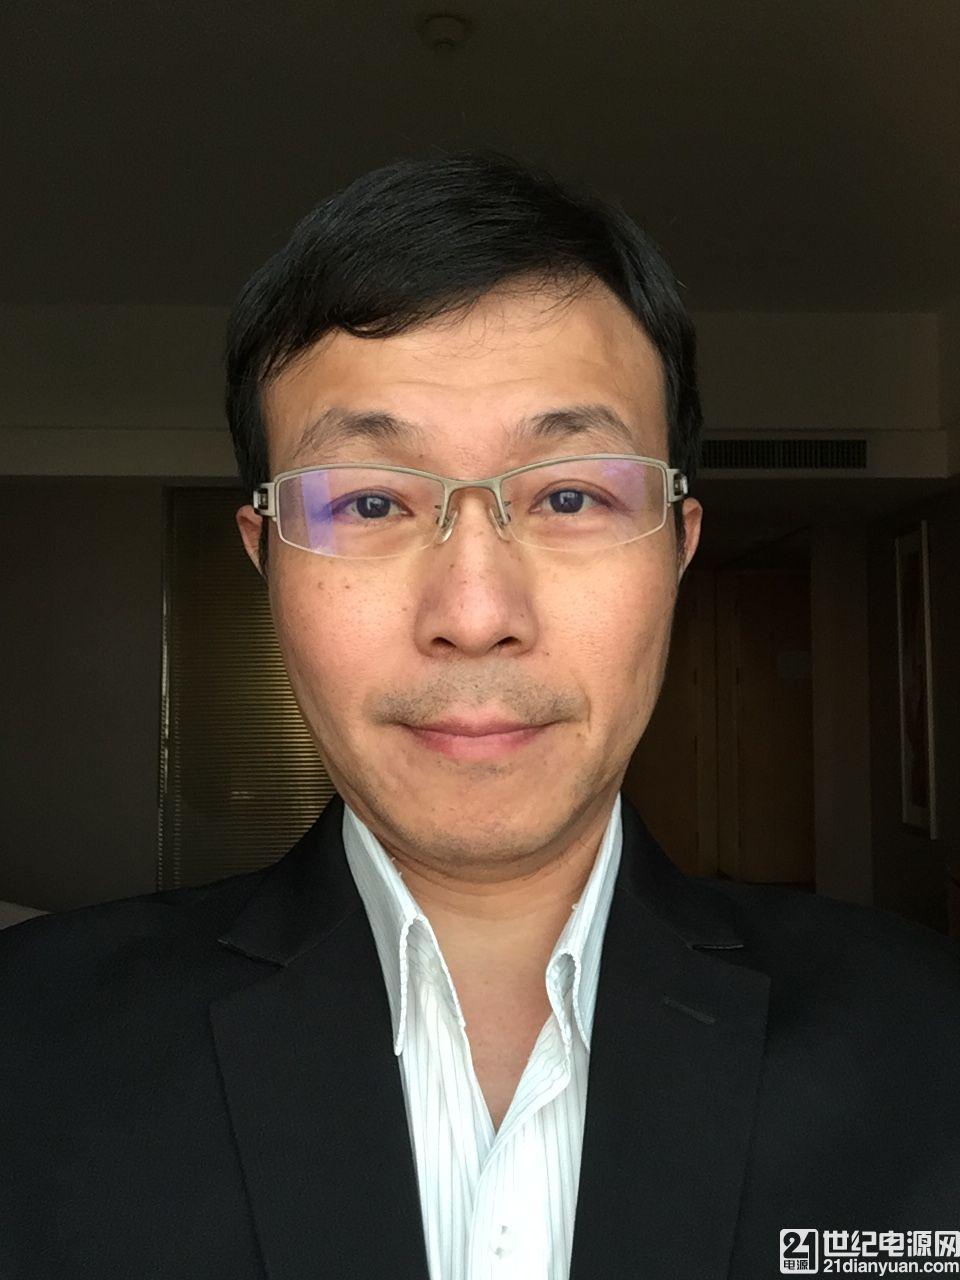 张文宾加入宜普电源转换公司(EPC)担任大中华及东南亚区销售副总裁